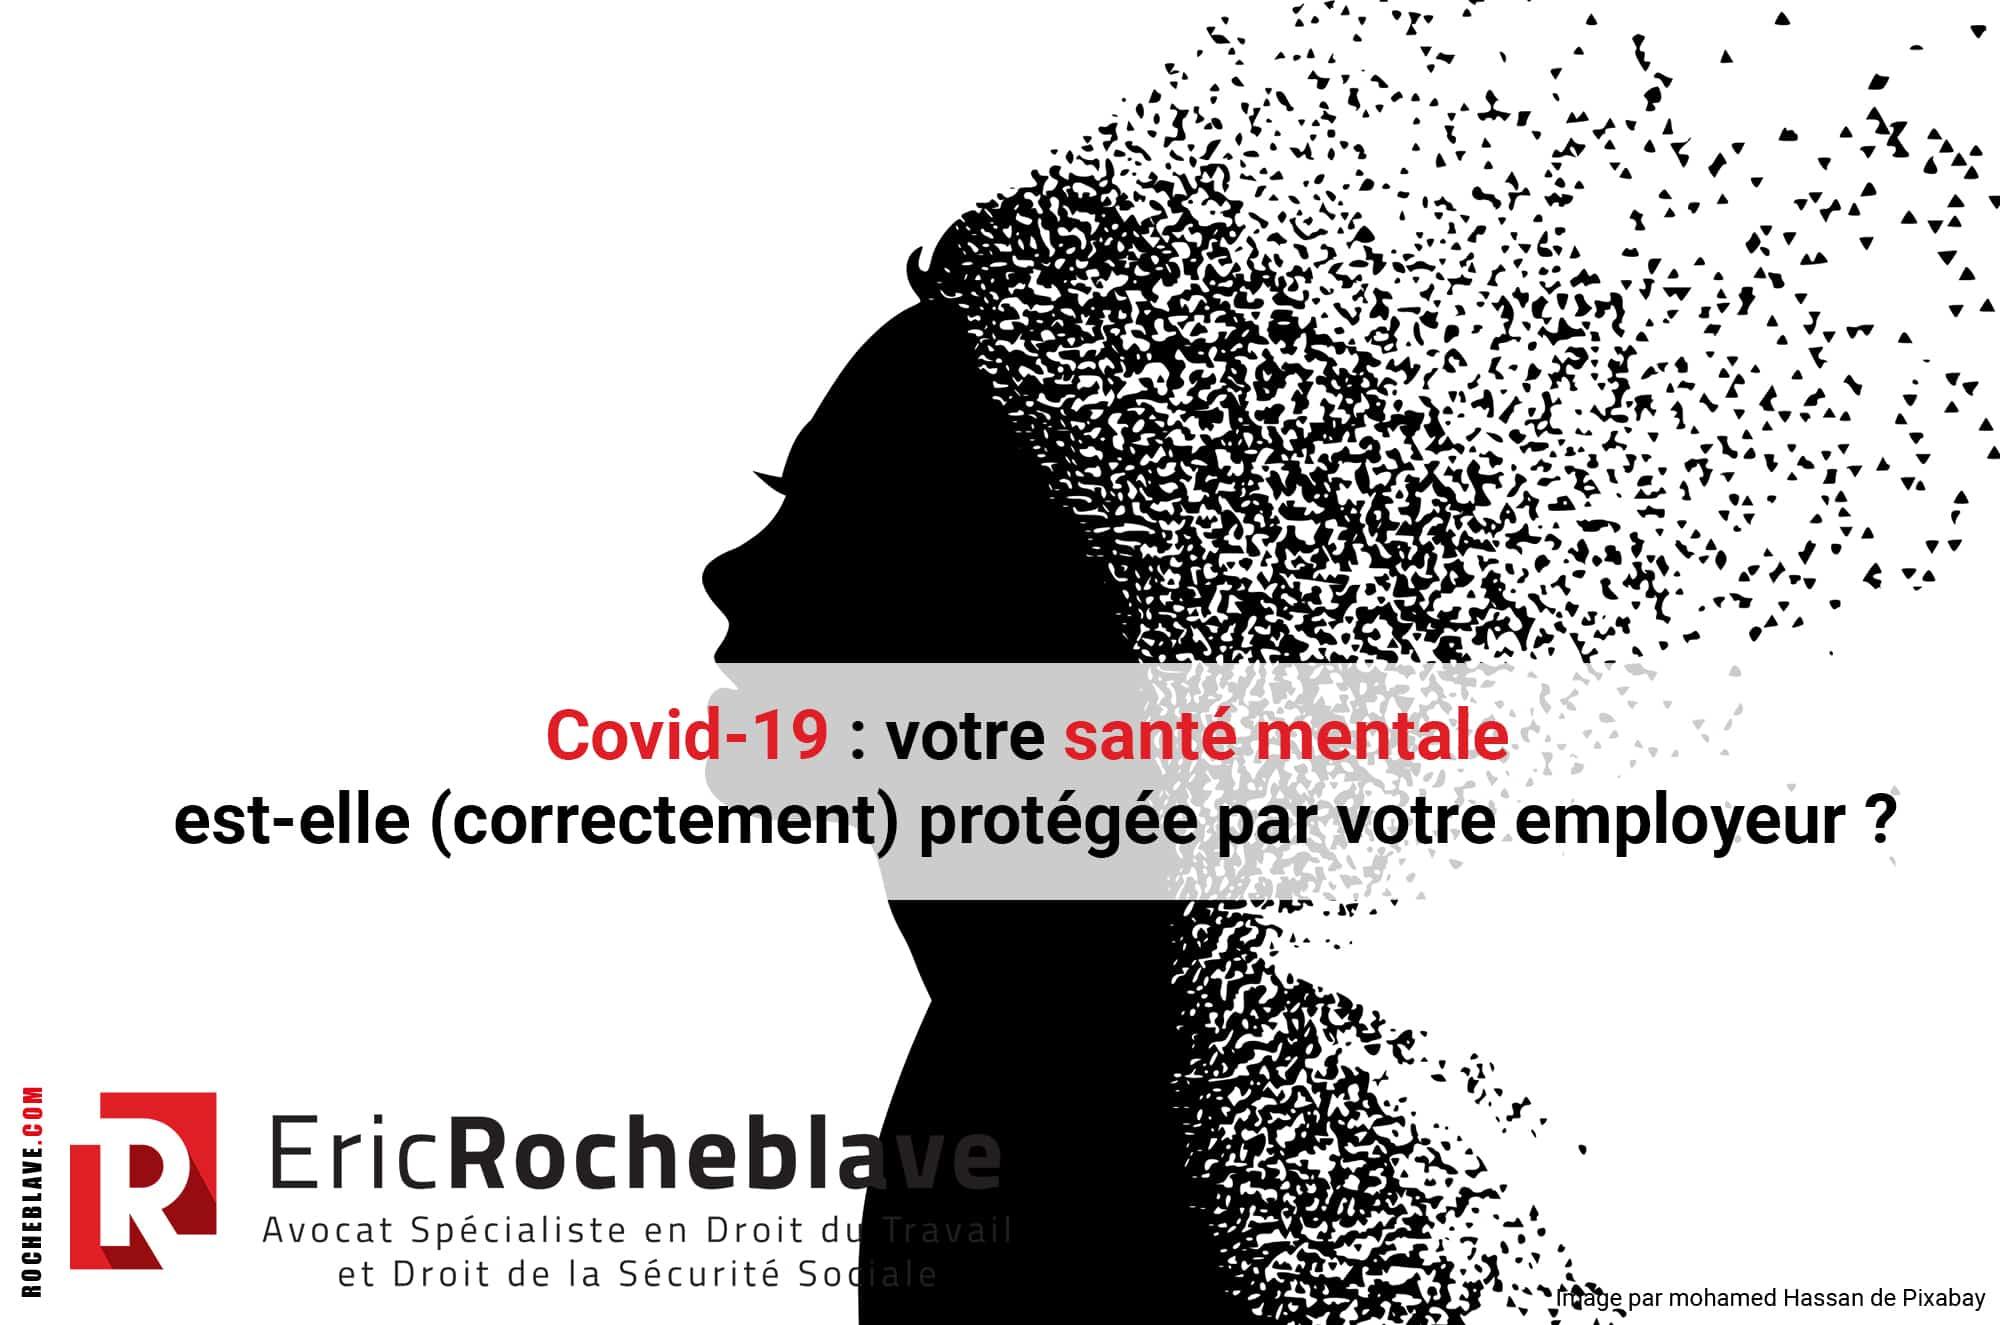 Covid-19 : votre santé mentale est-elle (correctement) protégée par votre employeur ?